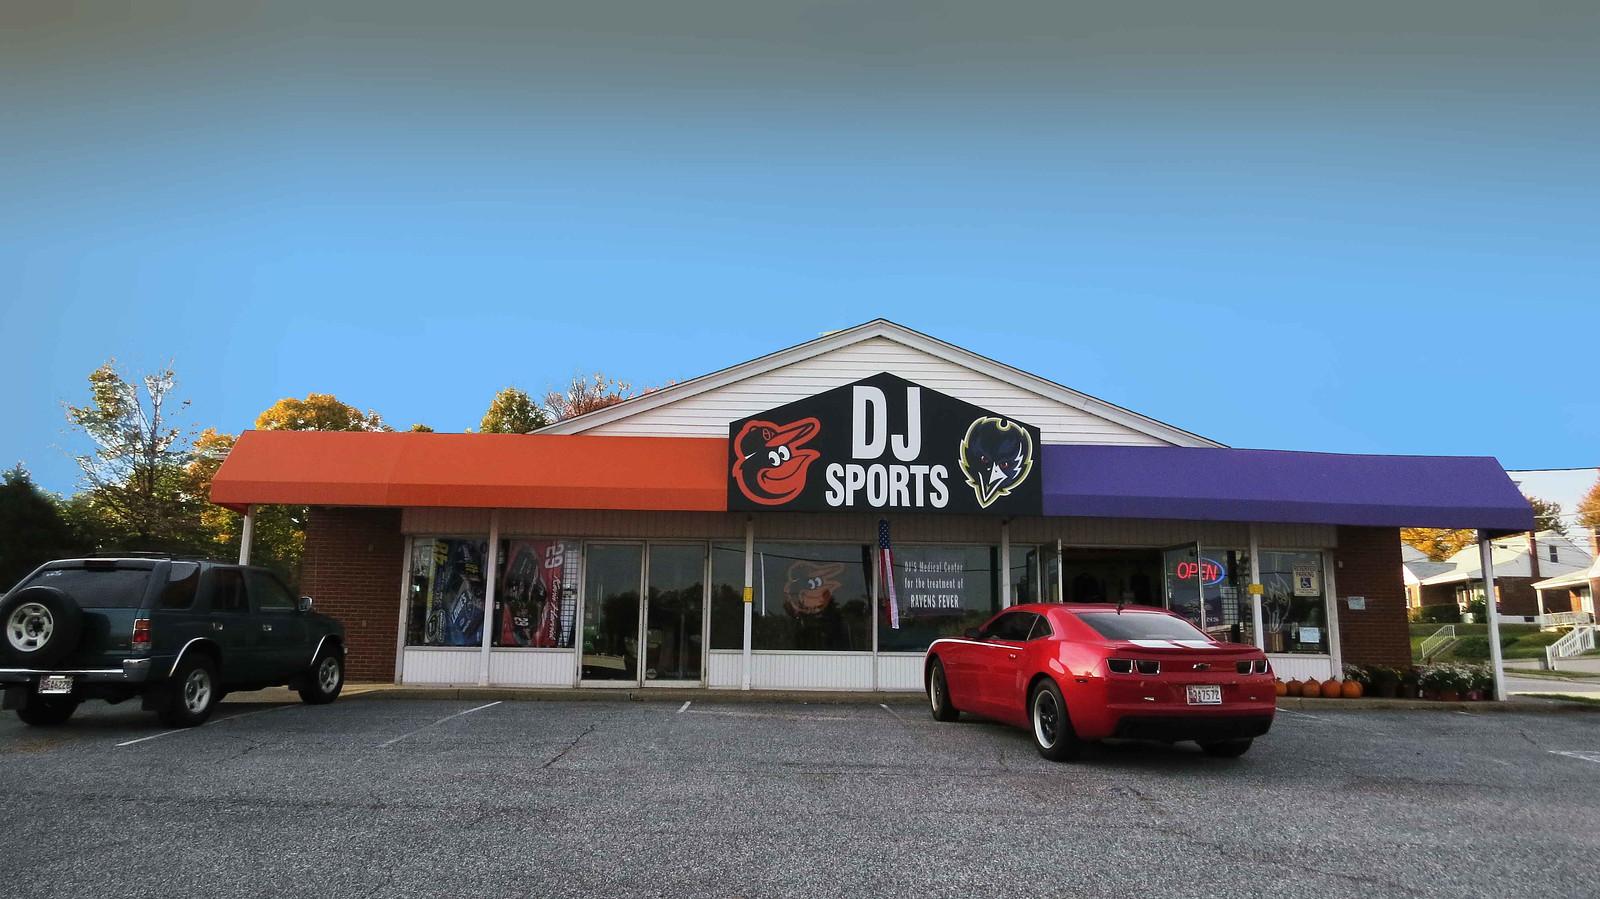 Sports Bar Awning Baltimore